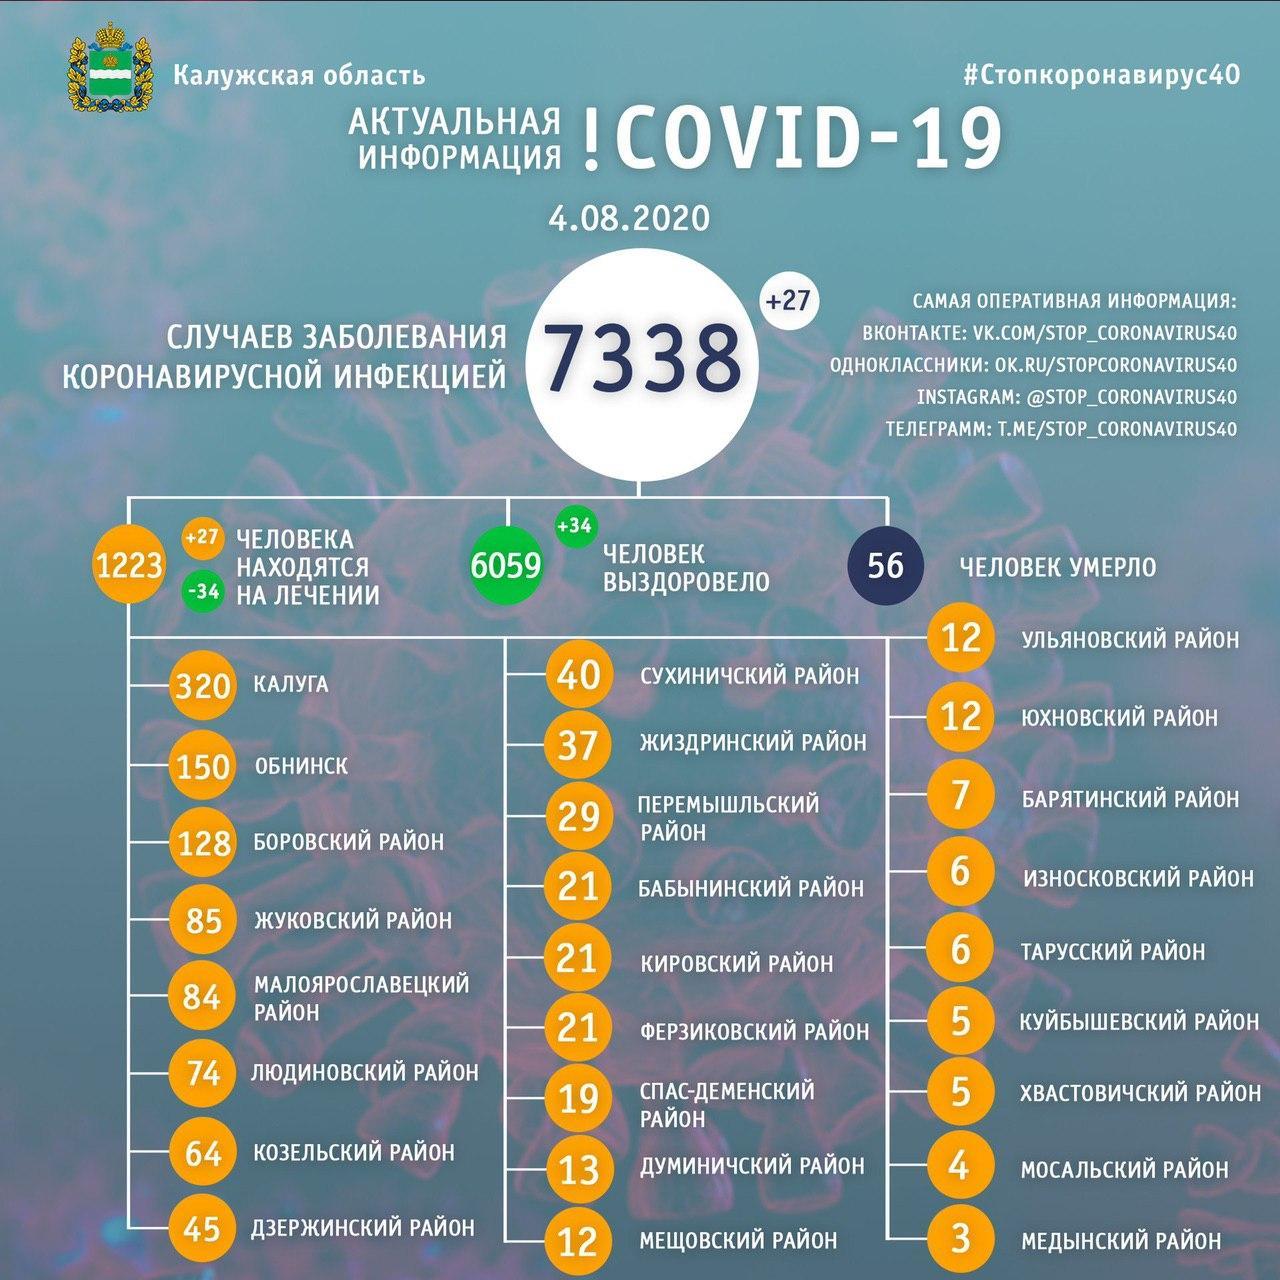 Коронавирус в Калужской области 4 августа 2020 года